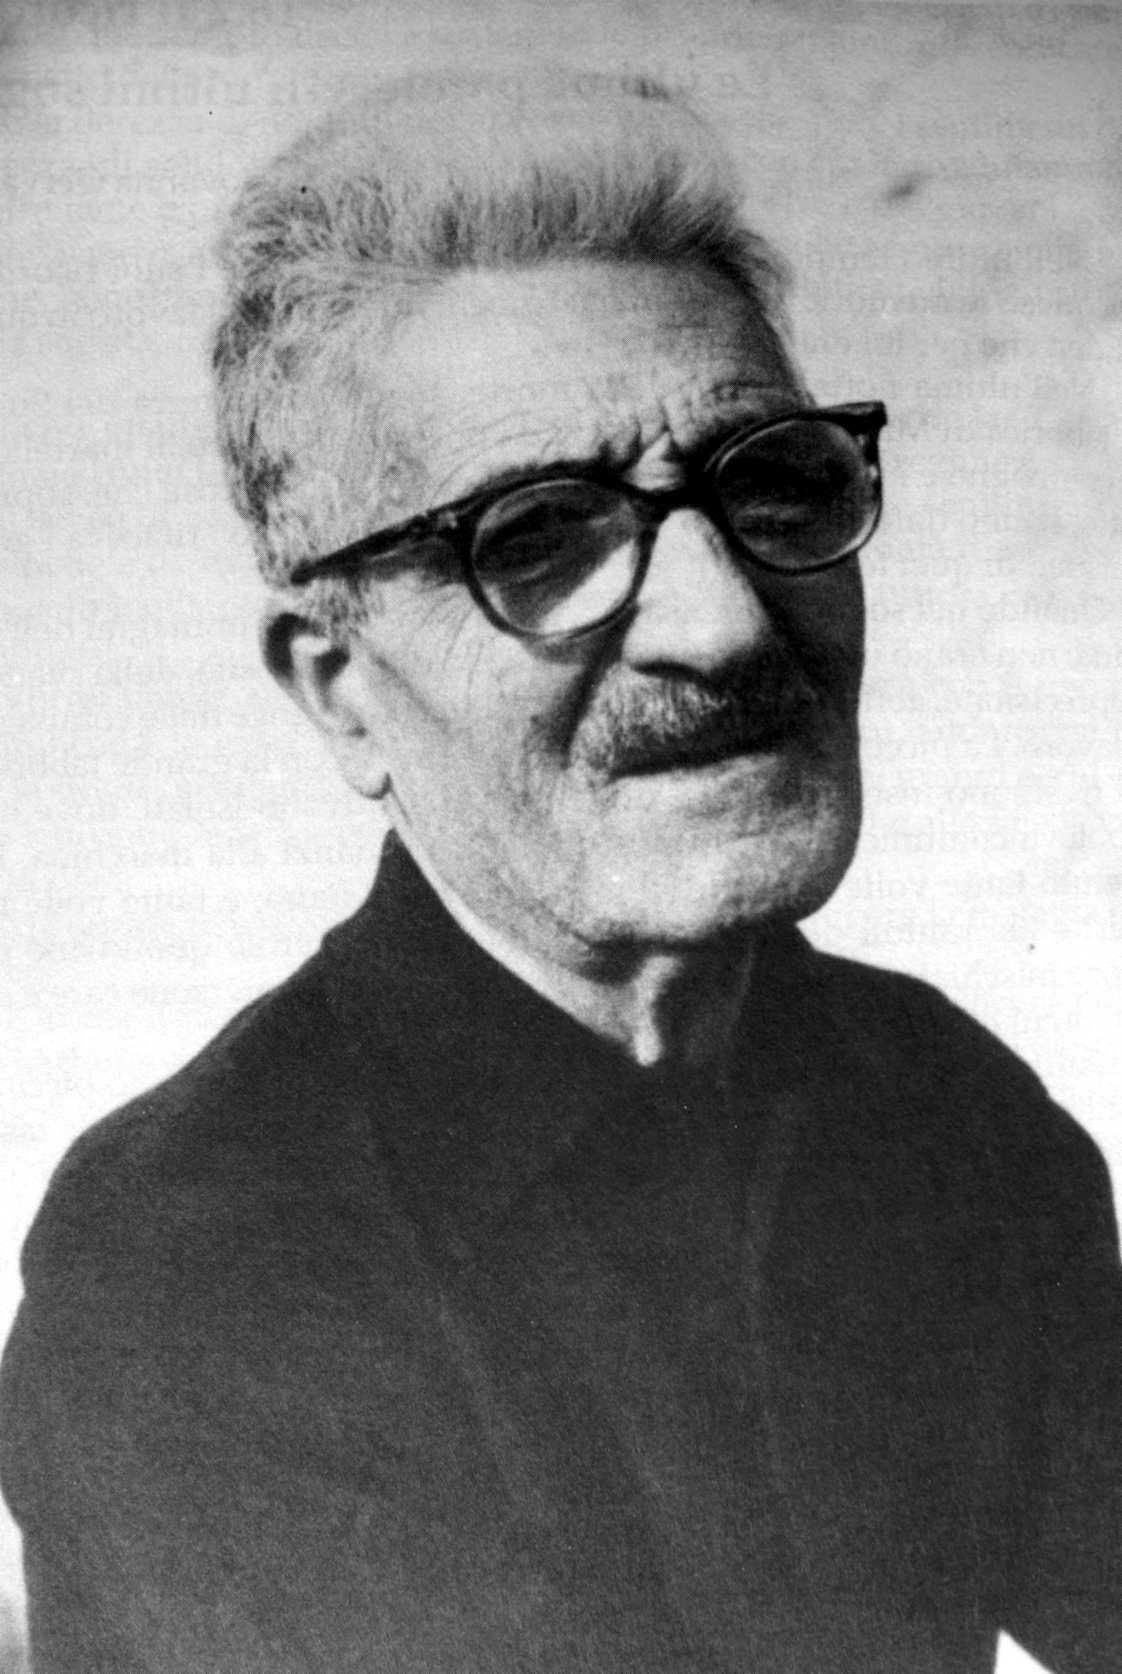 Gaetano Gervasio en casa de Cesare Zaccaria (Capo míseros, septiembre de 1964)